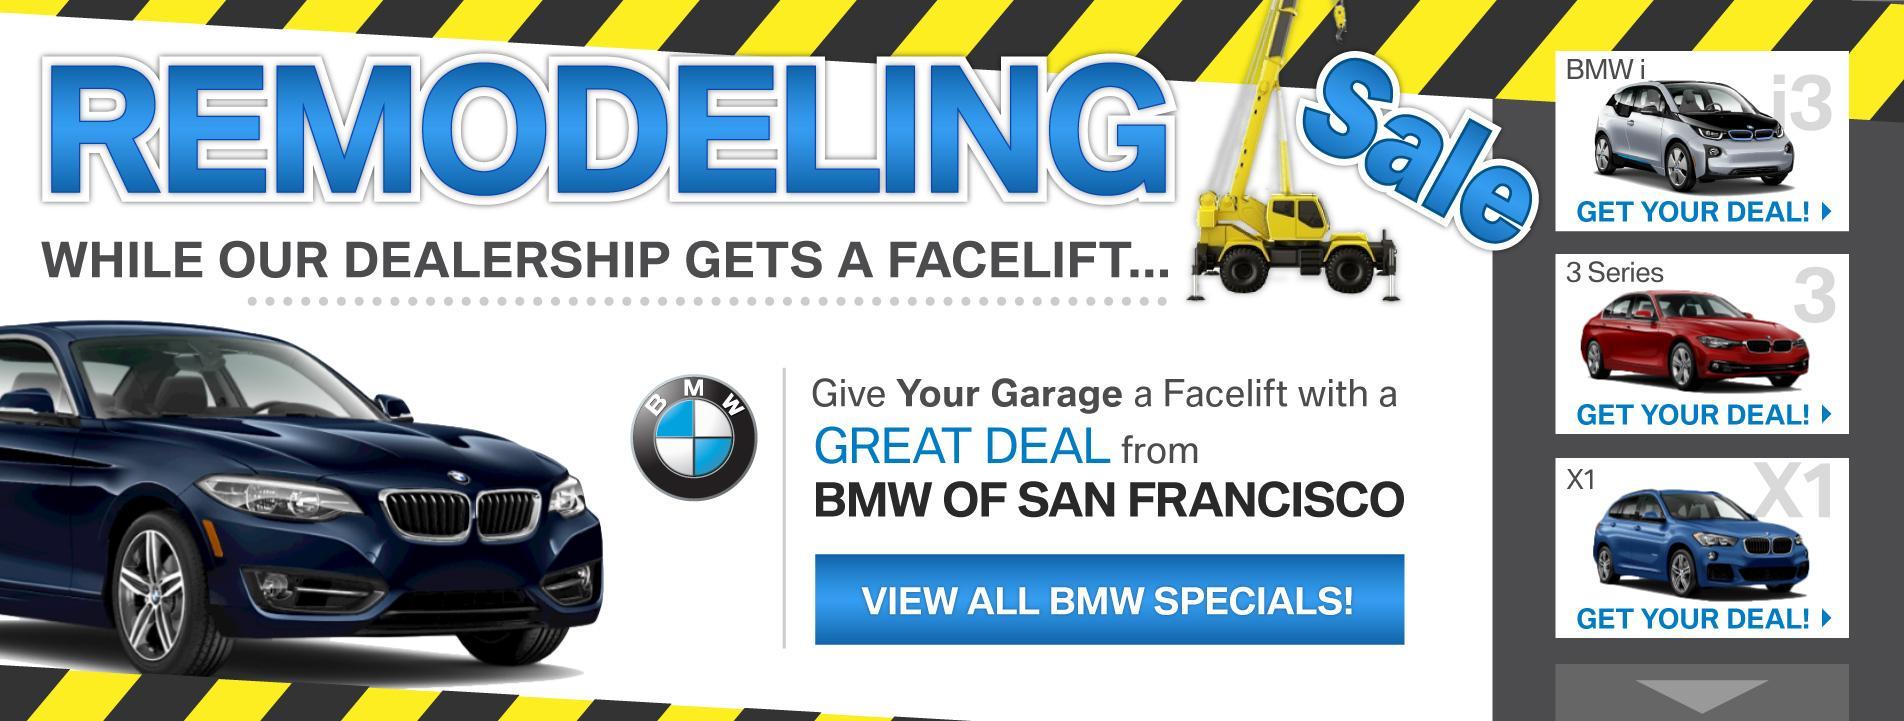 BMWSF Remodeling Sale